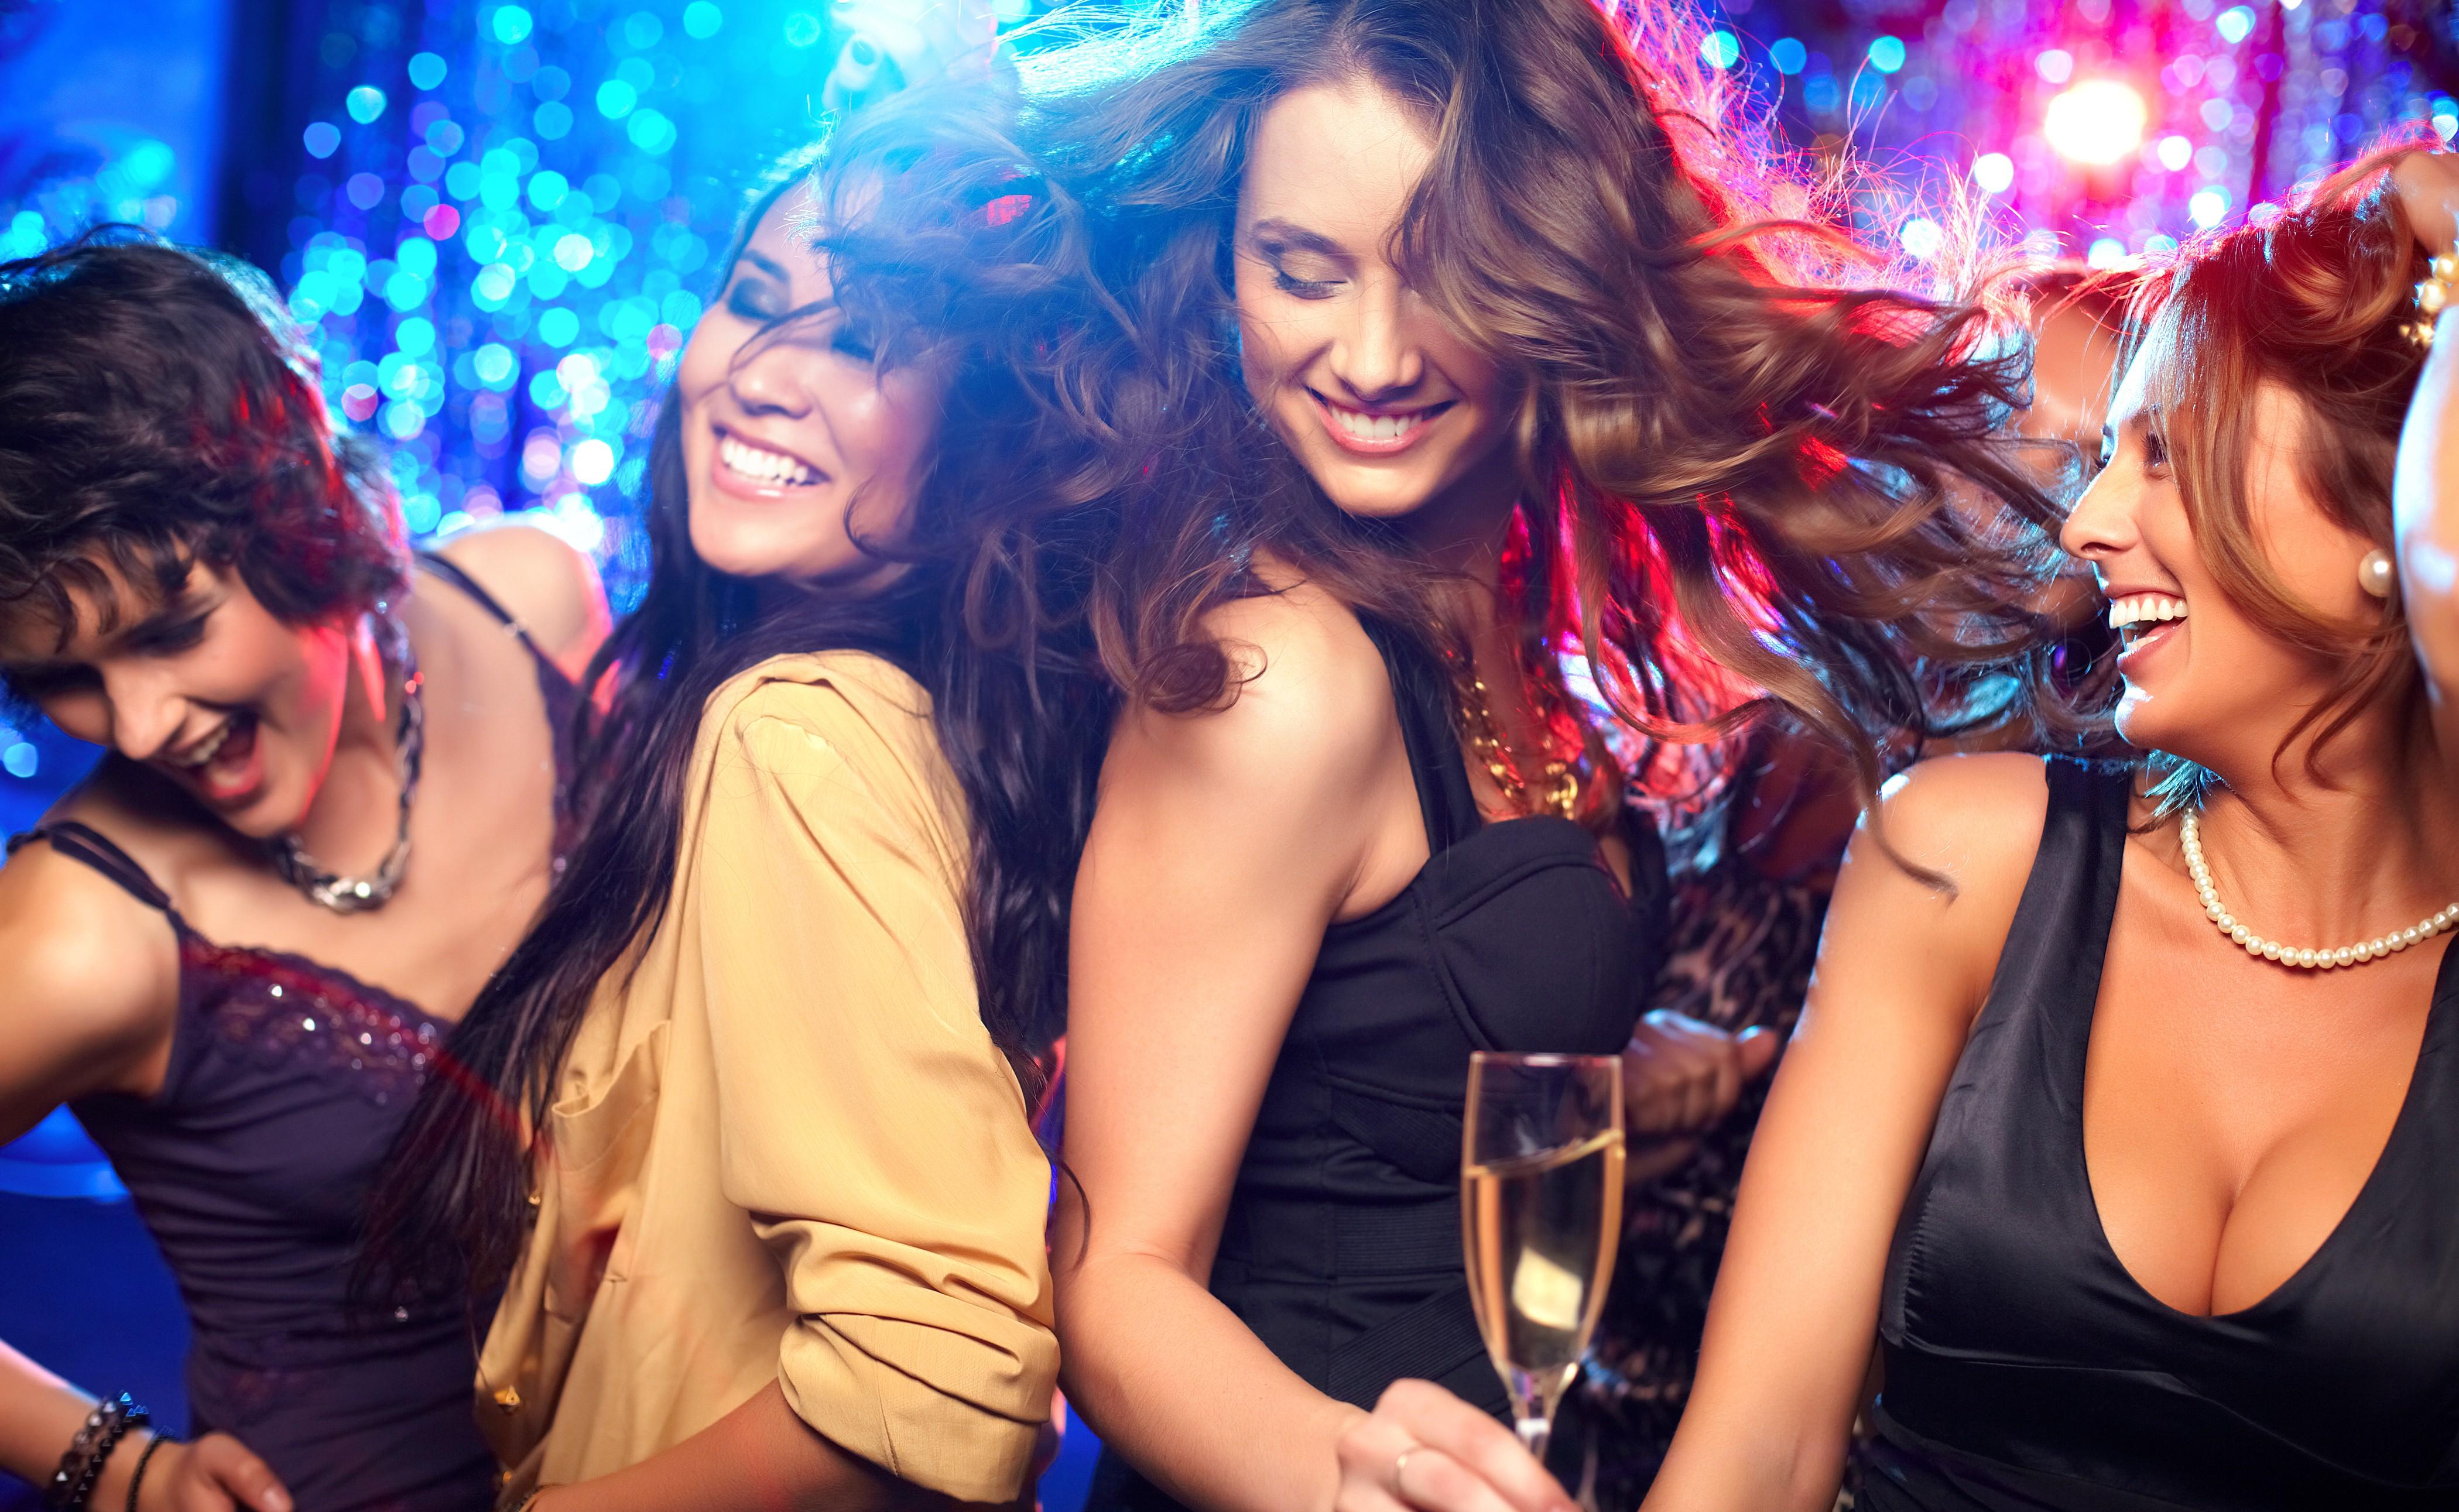 Фото в ночном клубе, видео секс я уже чувствую прилив щас кончу